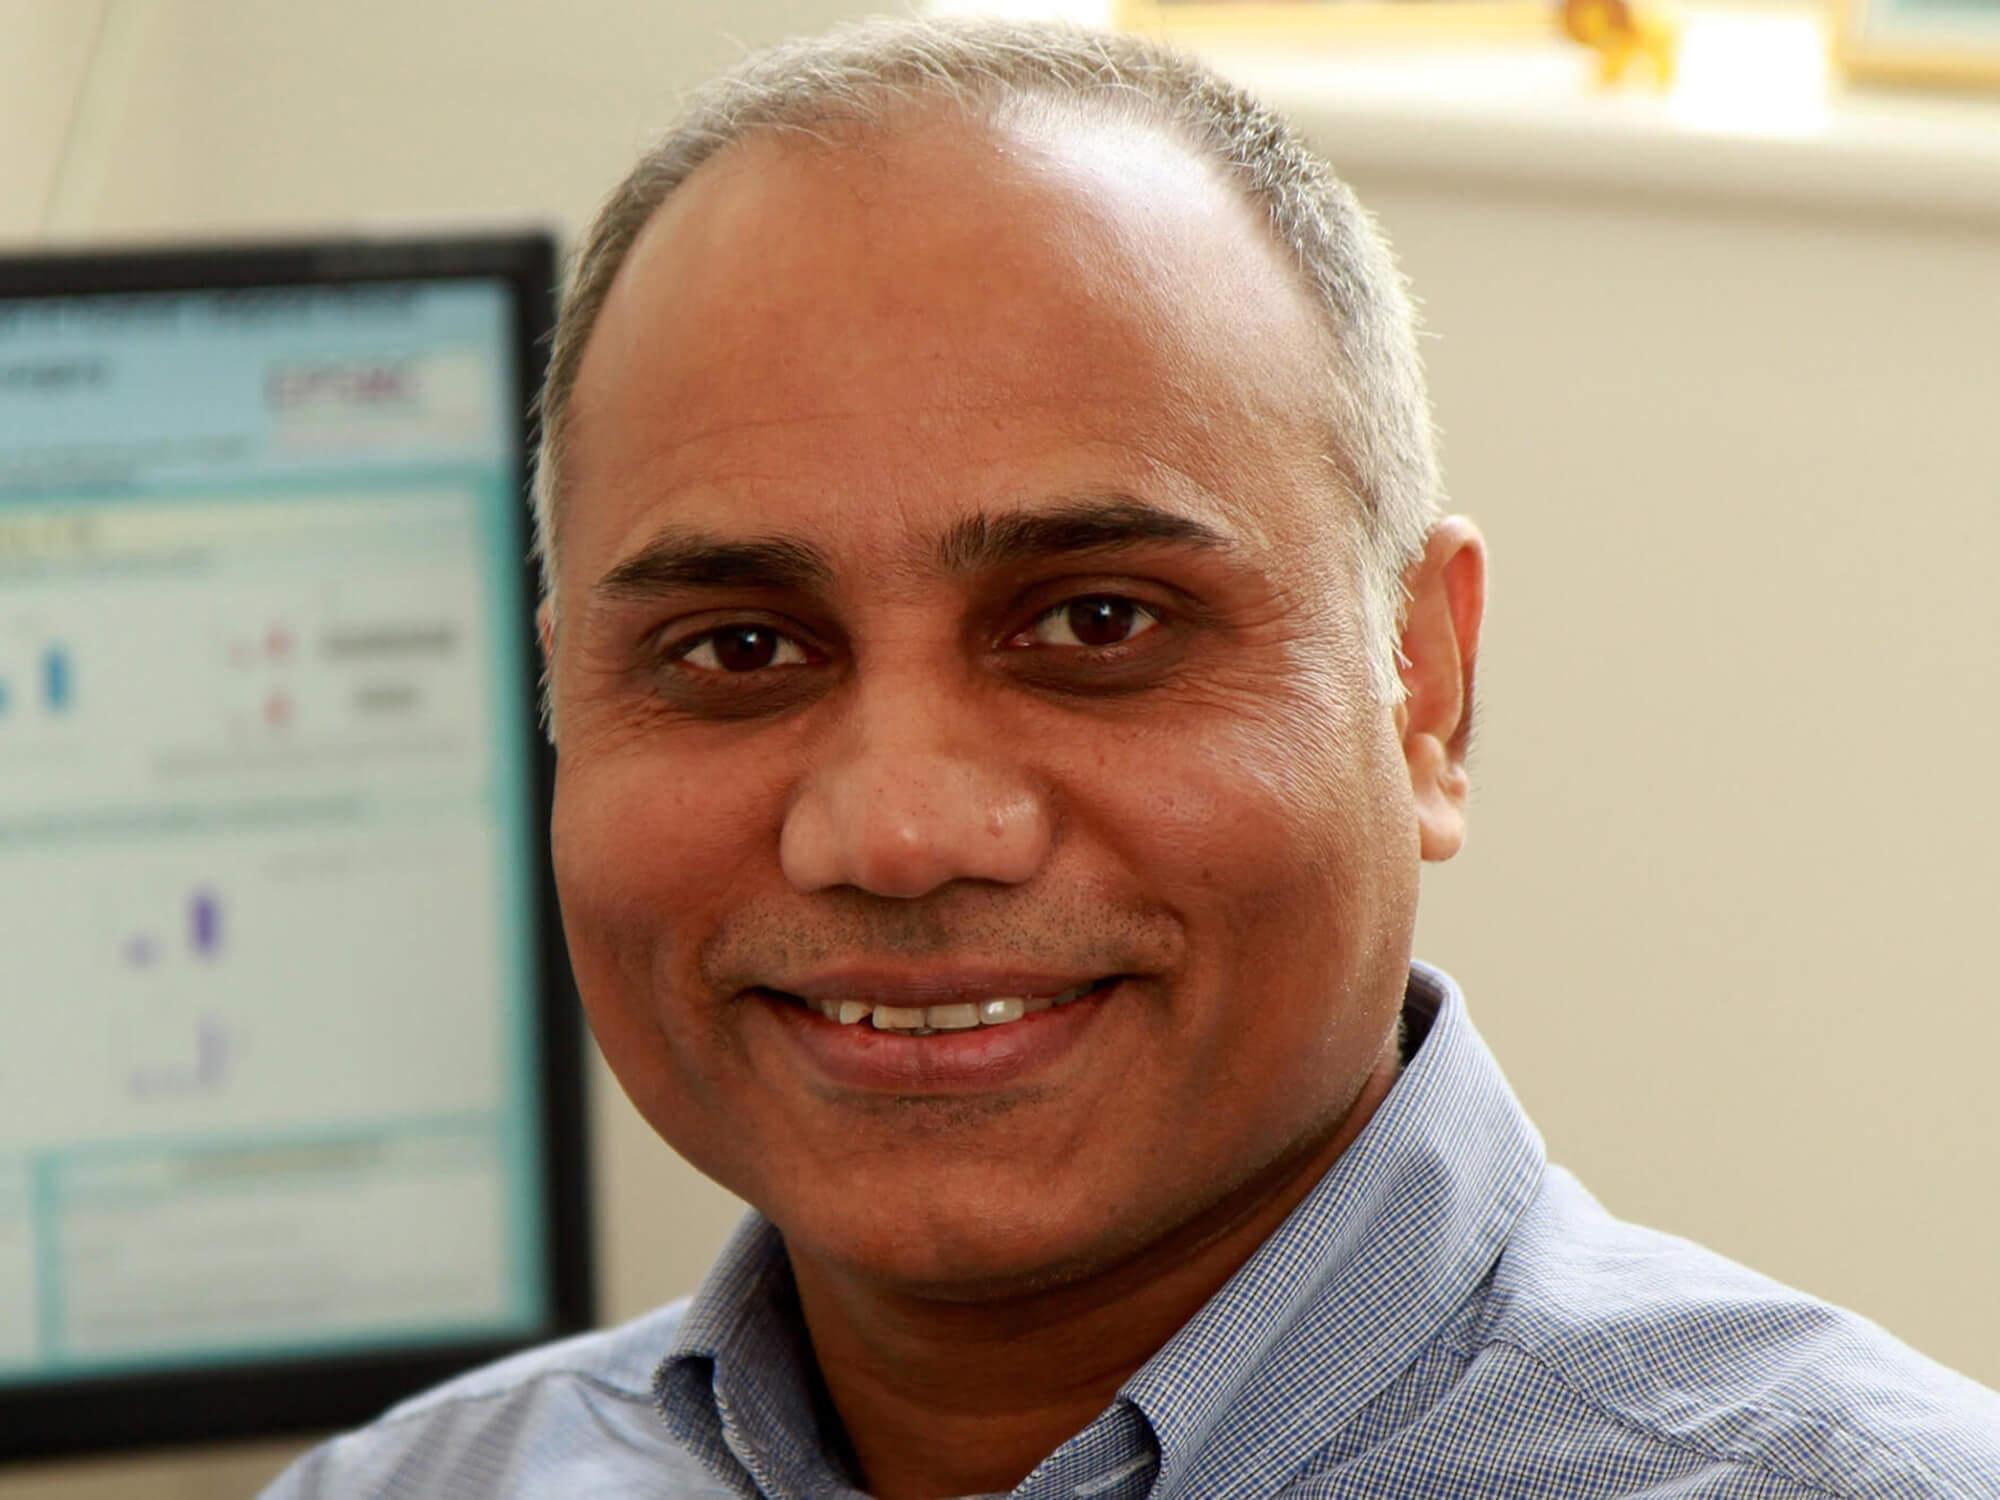 Gyan Tripathi smiling